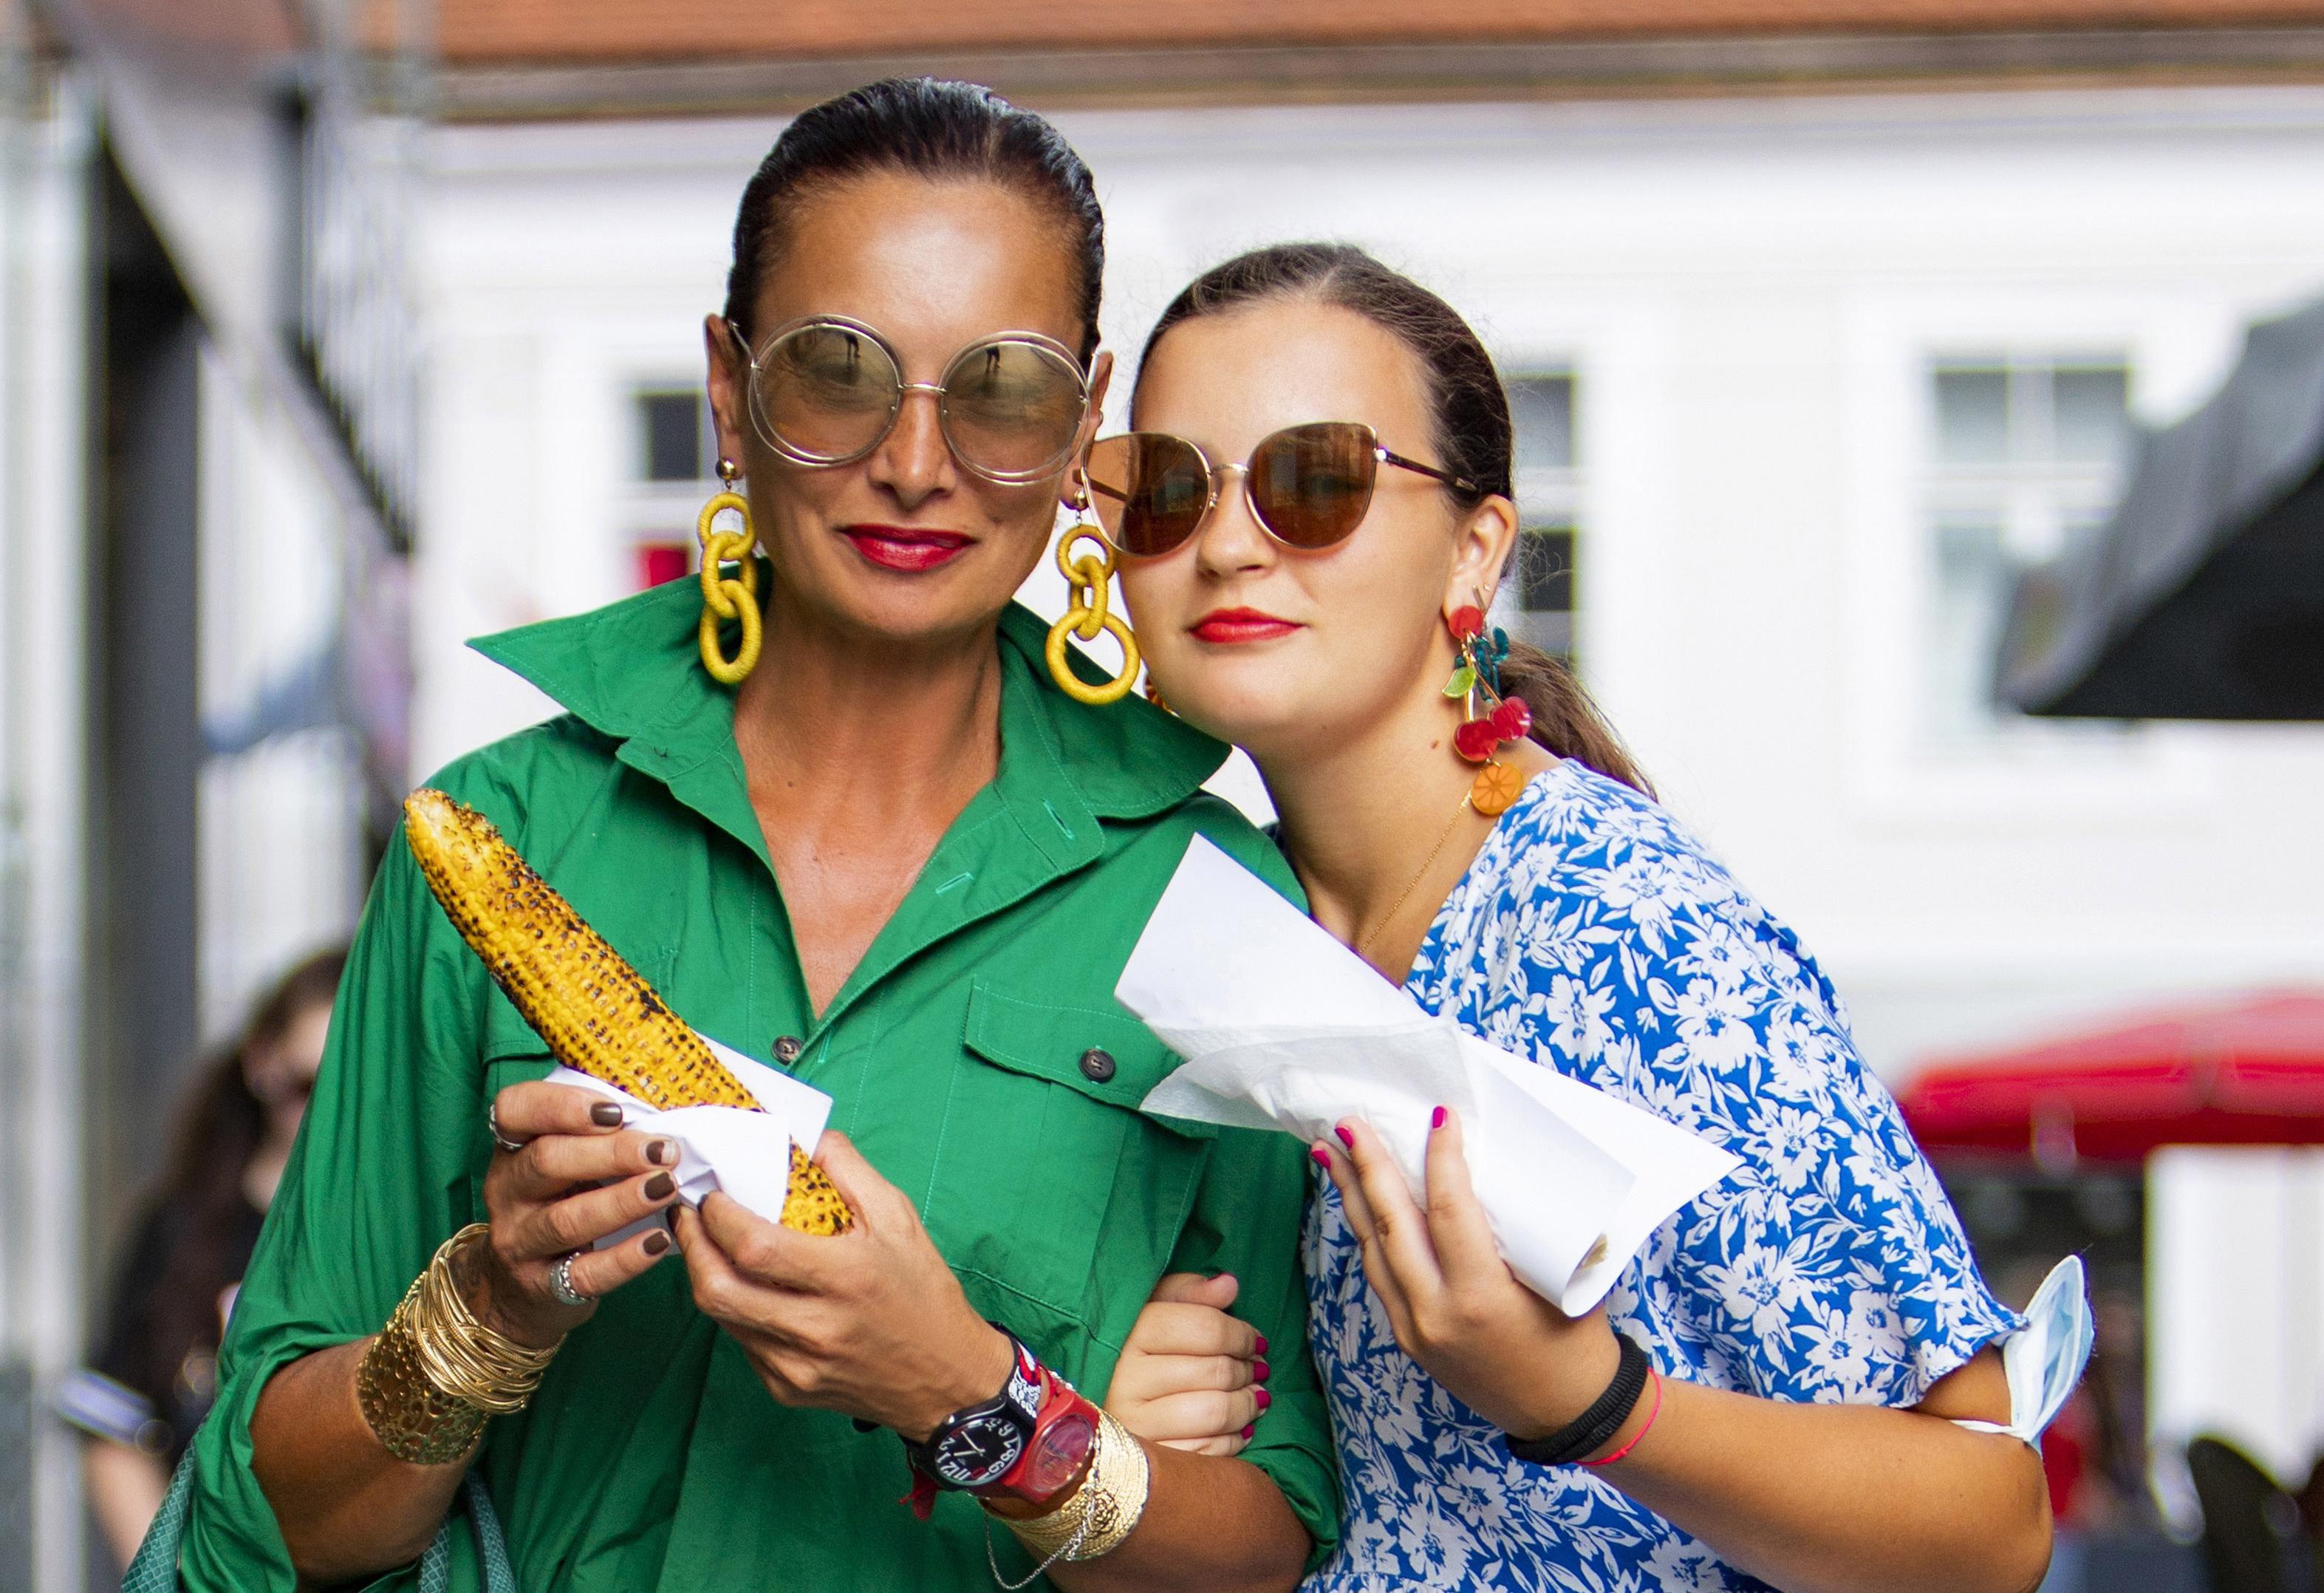 Leonarda Lončar i kći Marta najstajliš su prizor sa špice: 'Nastojimo biti odjevene u skladu s trenutkom gdje se krećemo'